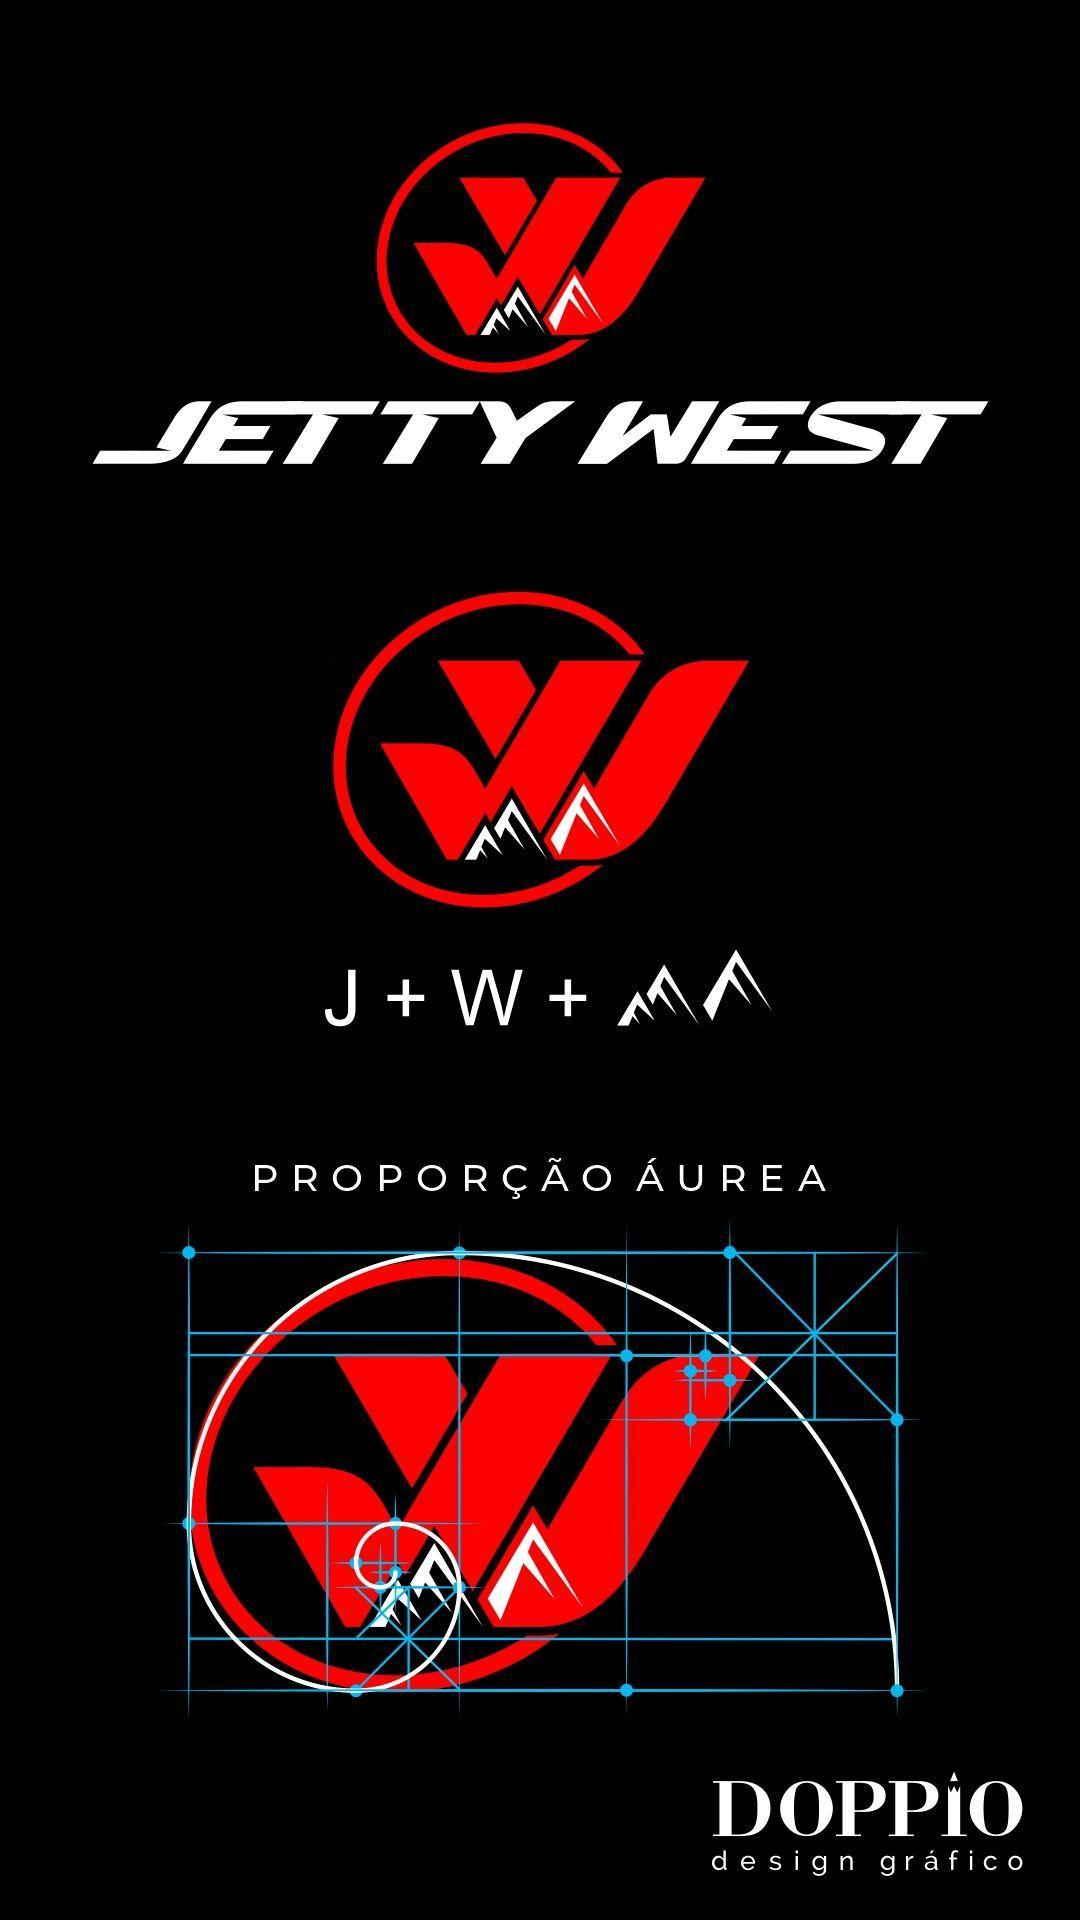 Conceito/Construção do Logotipo